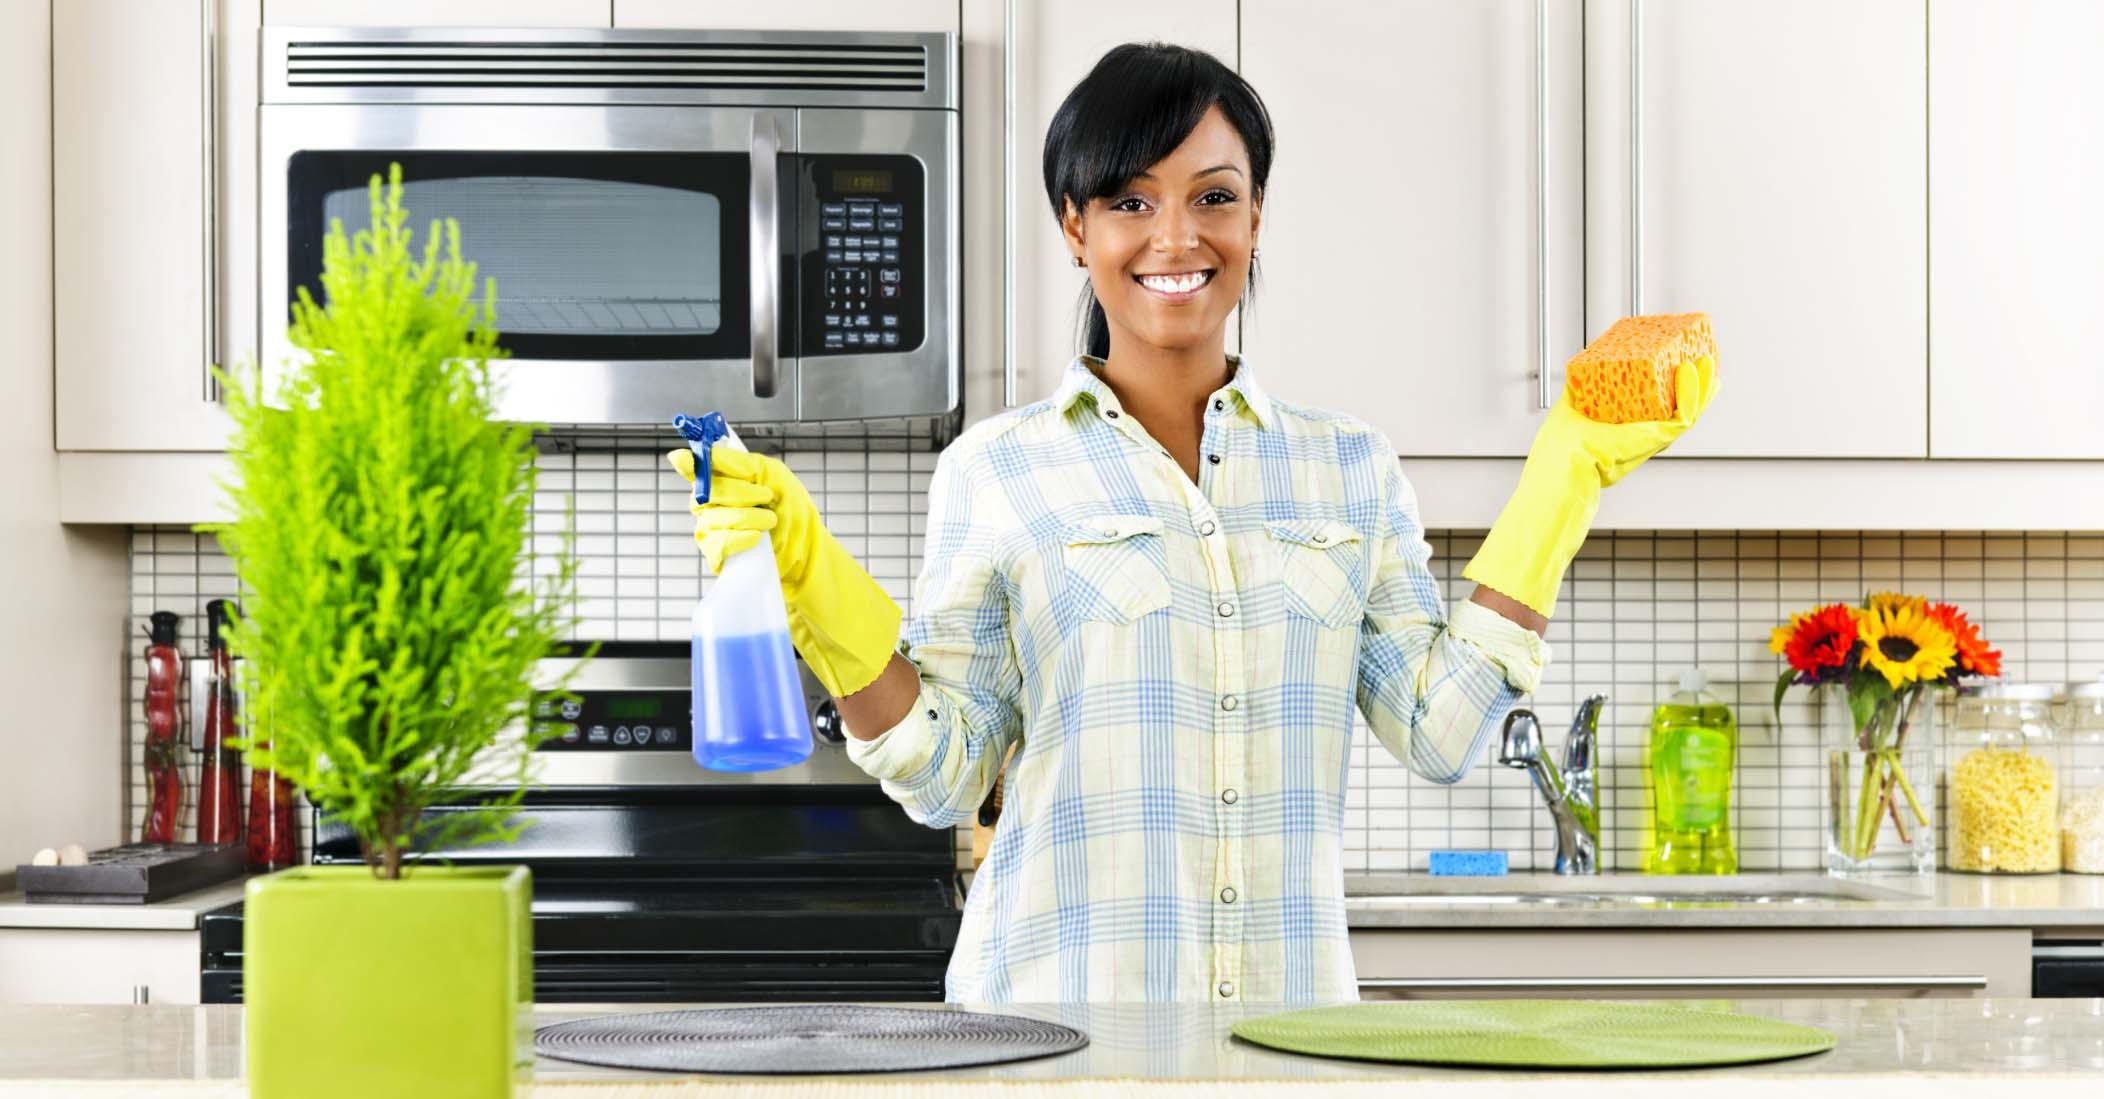 Come Tenere Pulita La Casa come liberarsi dall'ansia di tenere tutto pulito e in ordine